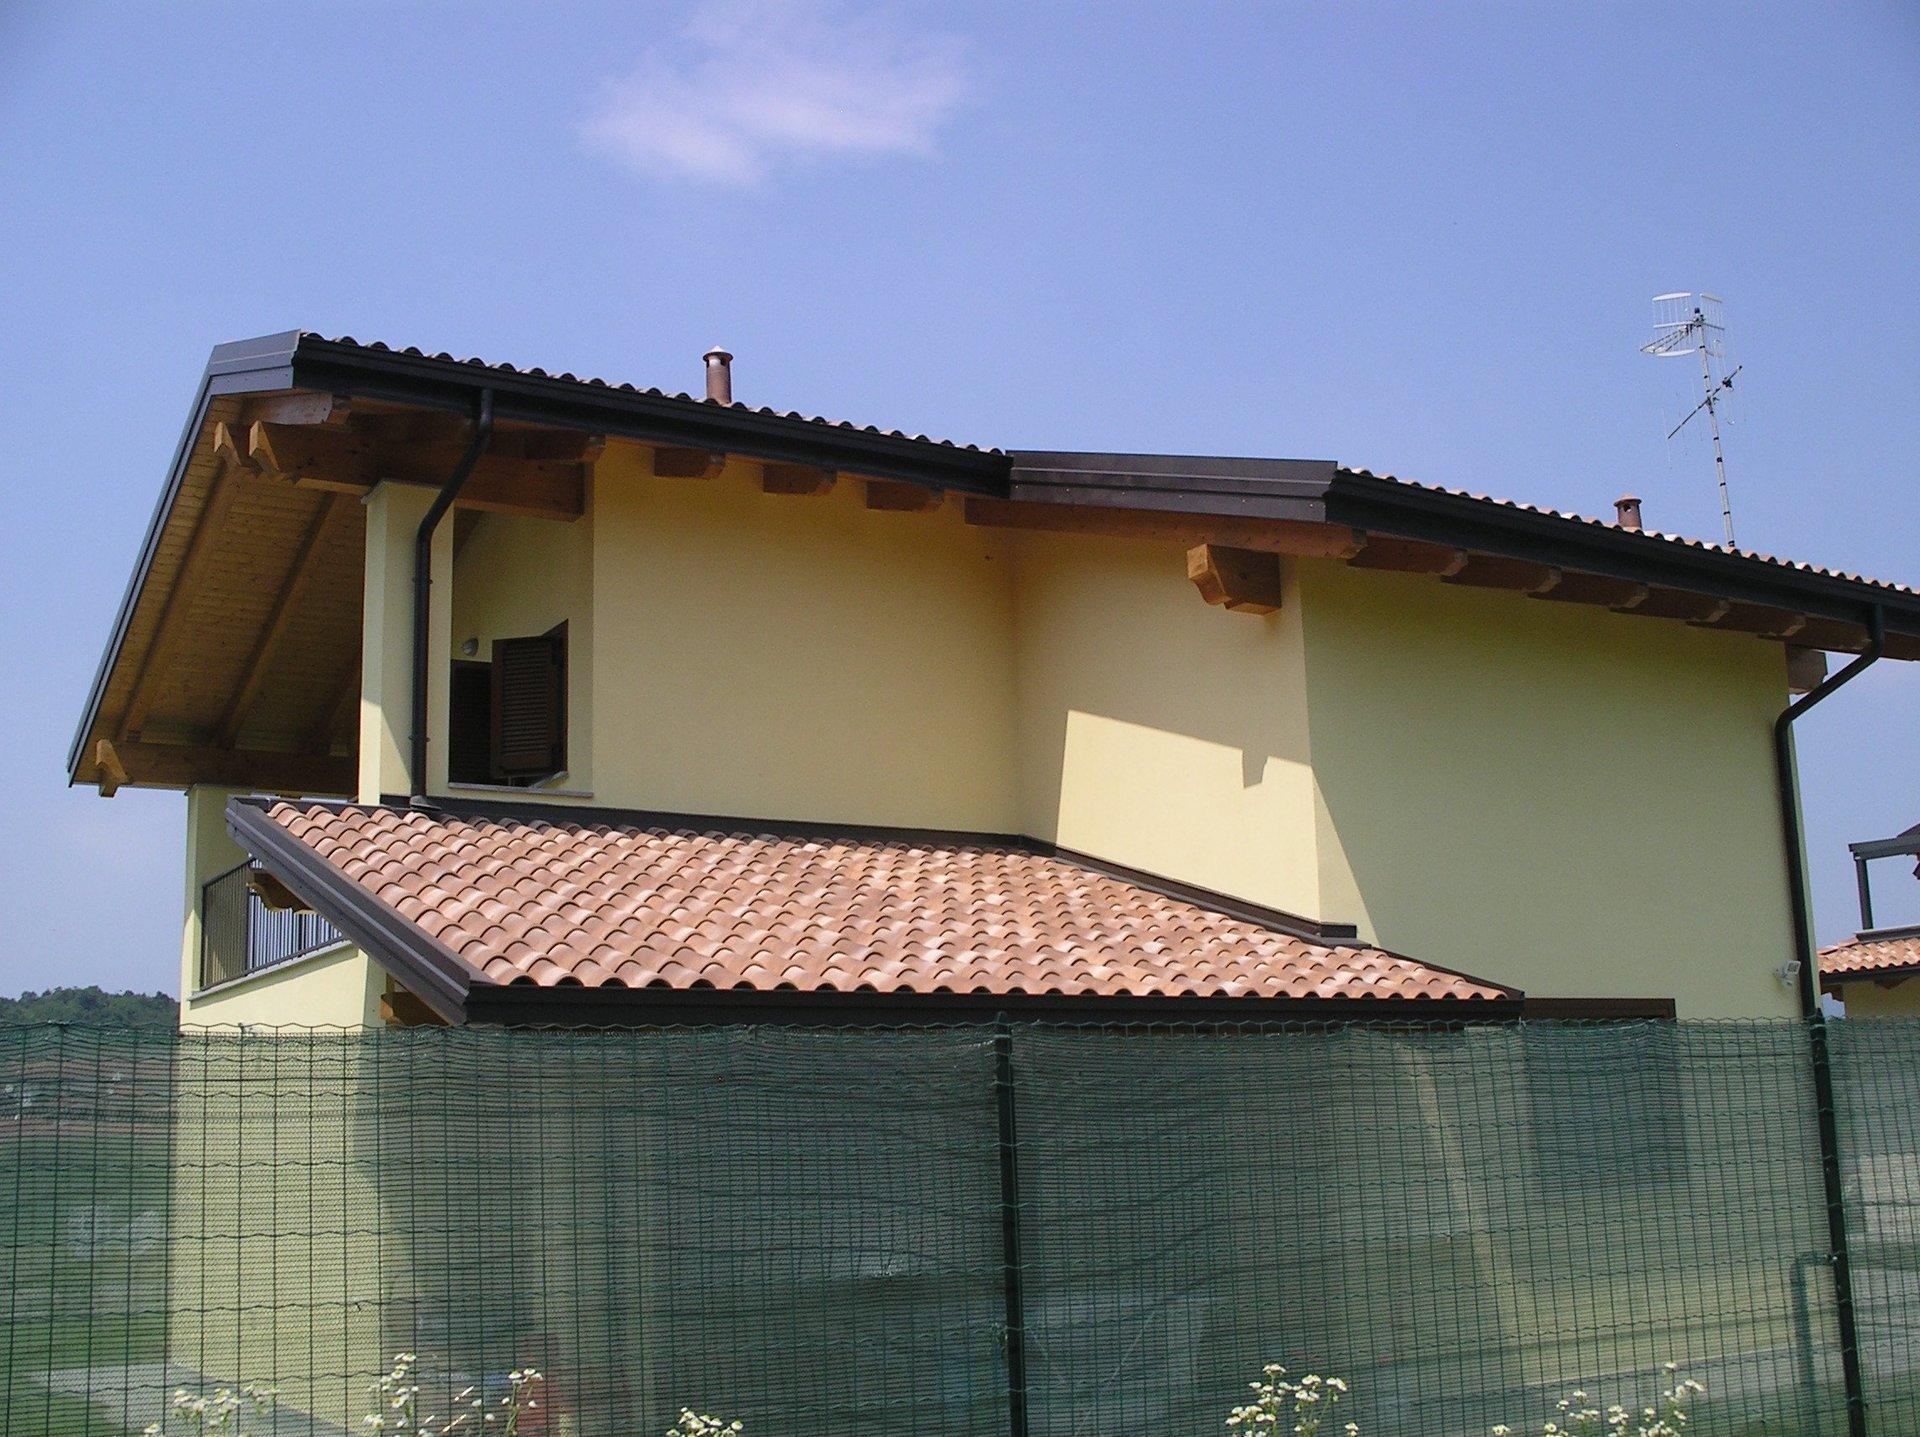 vista esterna di una casa gialla con ringhiera